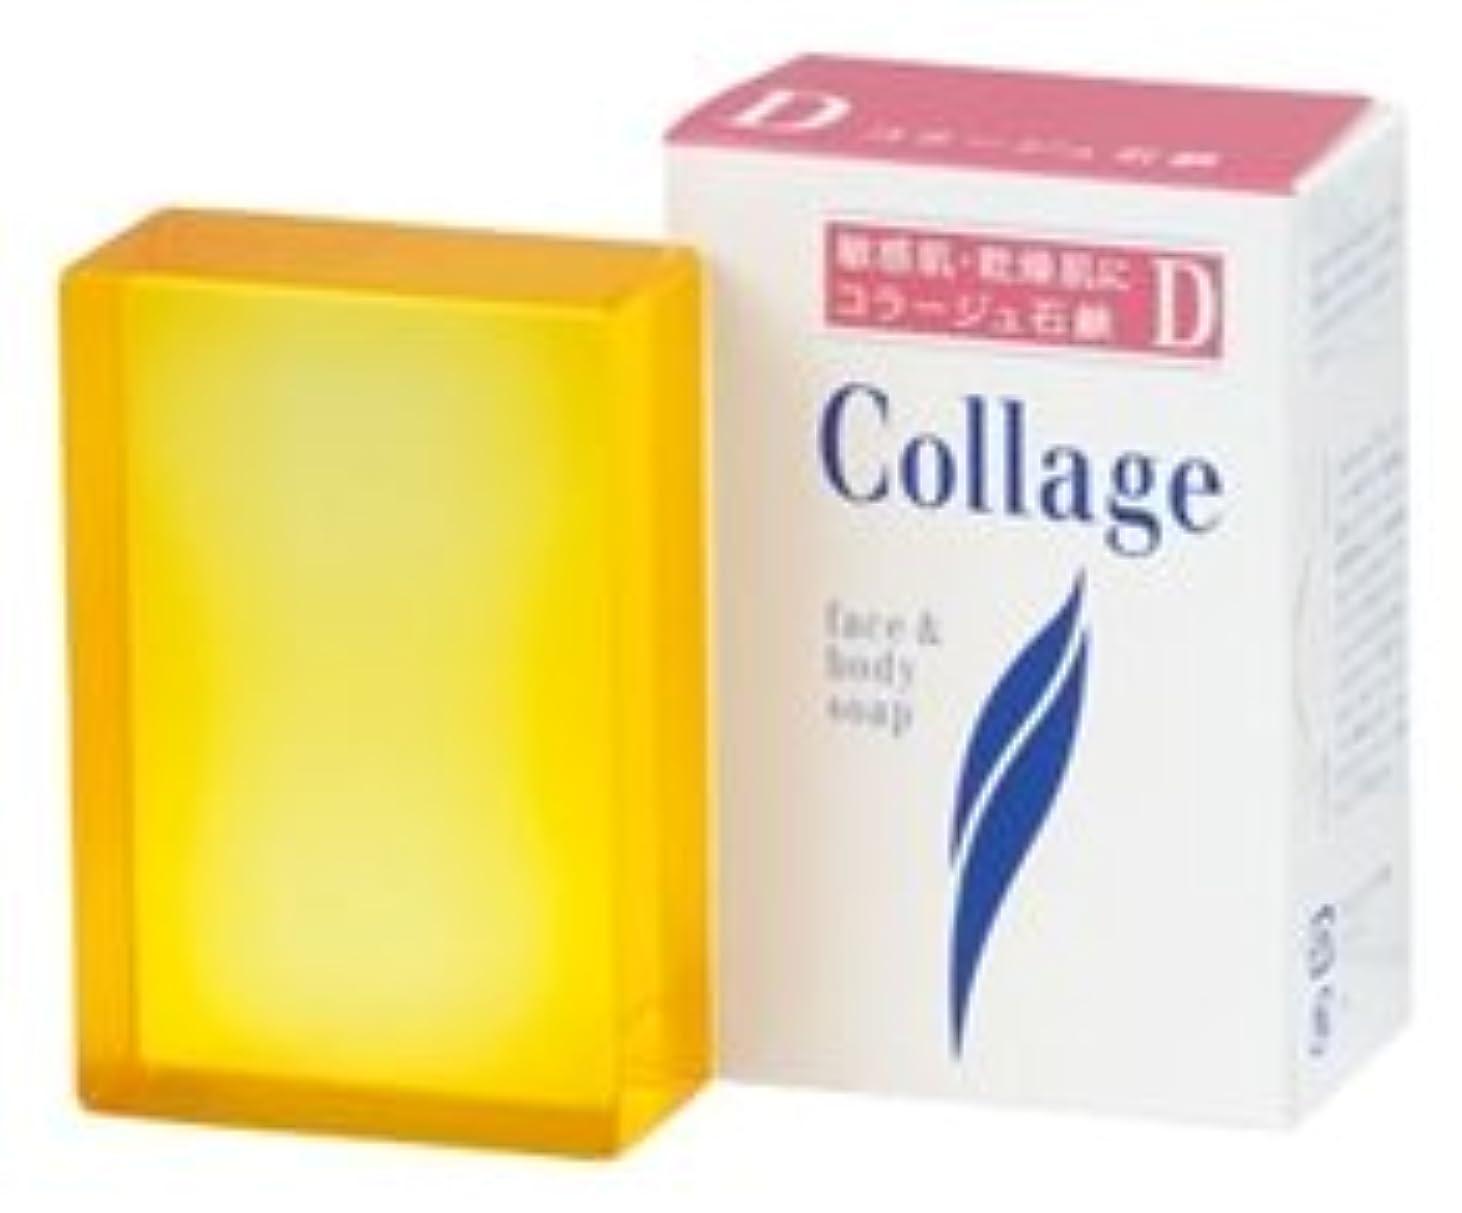 確認してください揺れるまたねコラージュD乾性肌用石鹸100g×2 1342